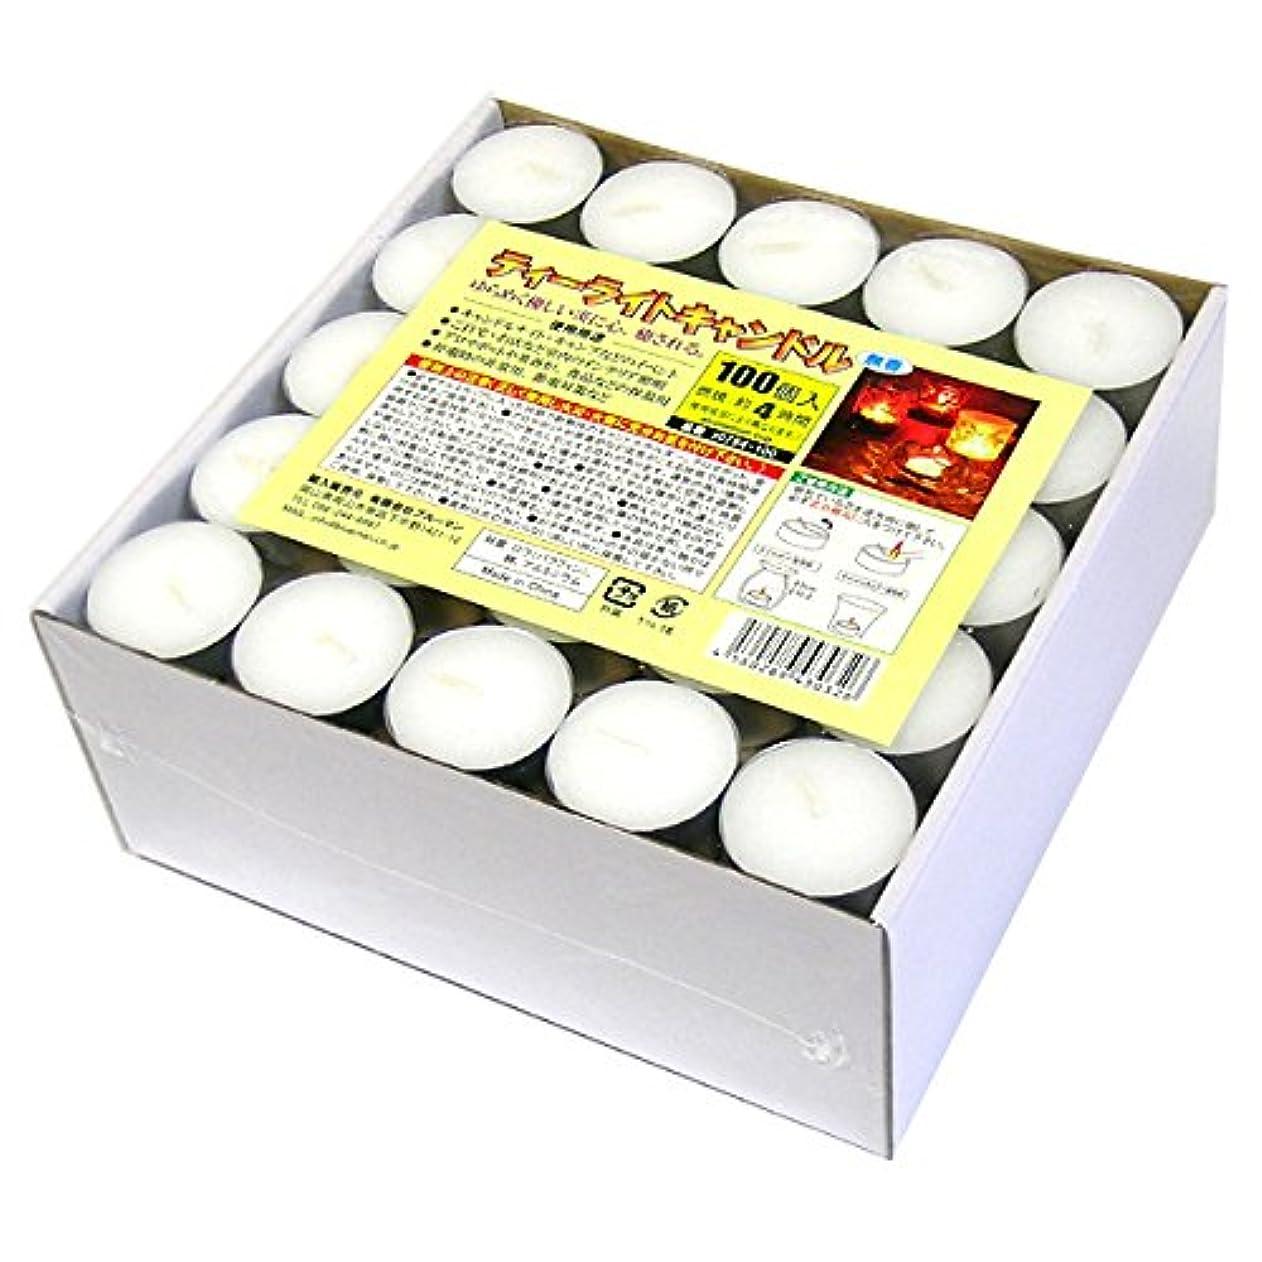 予言する盲目必要条件ティーライトキャンドル アルミカップ 燃焼 約4時間 100個 キャンドルライト 専門店